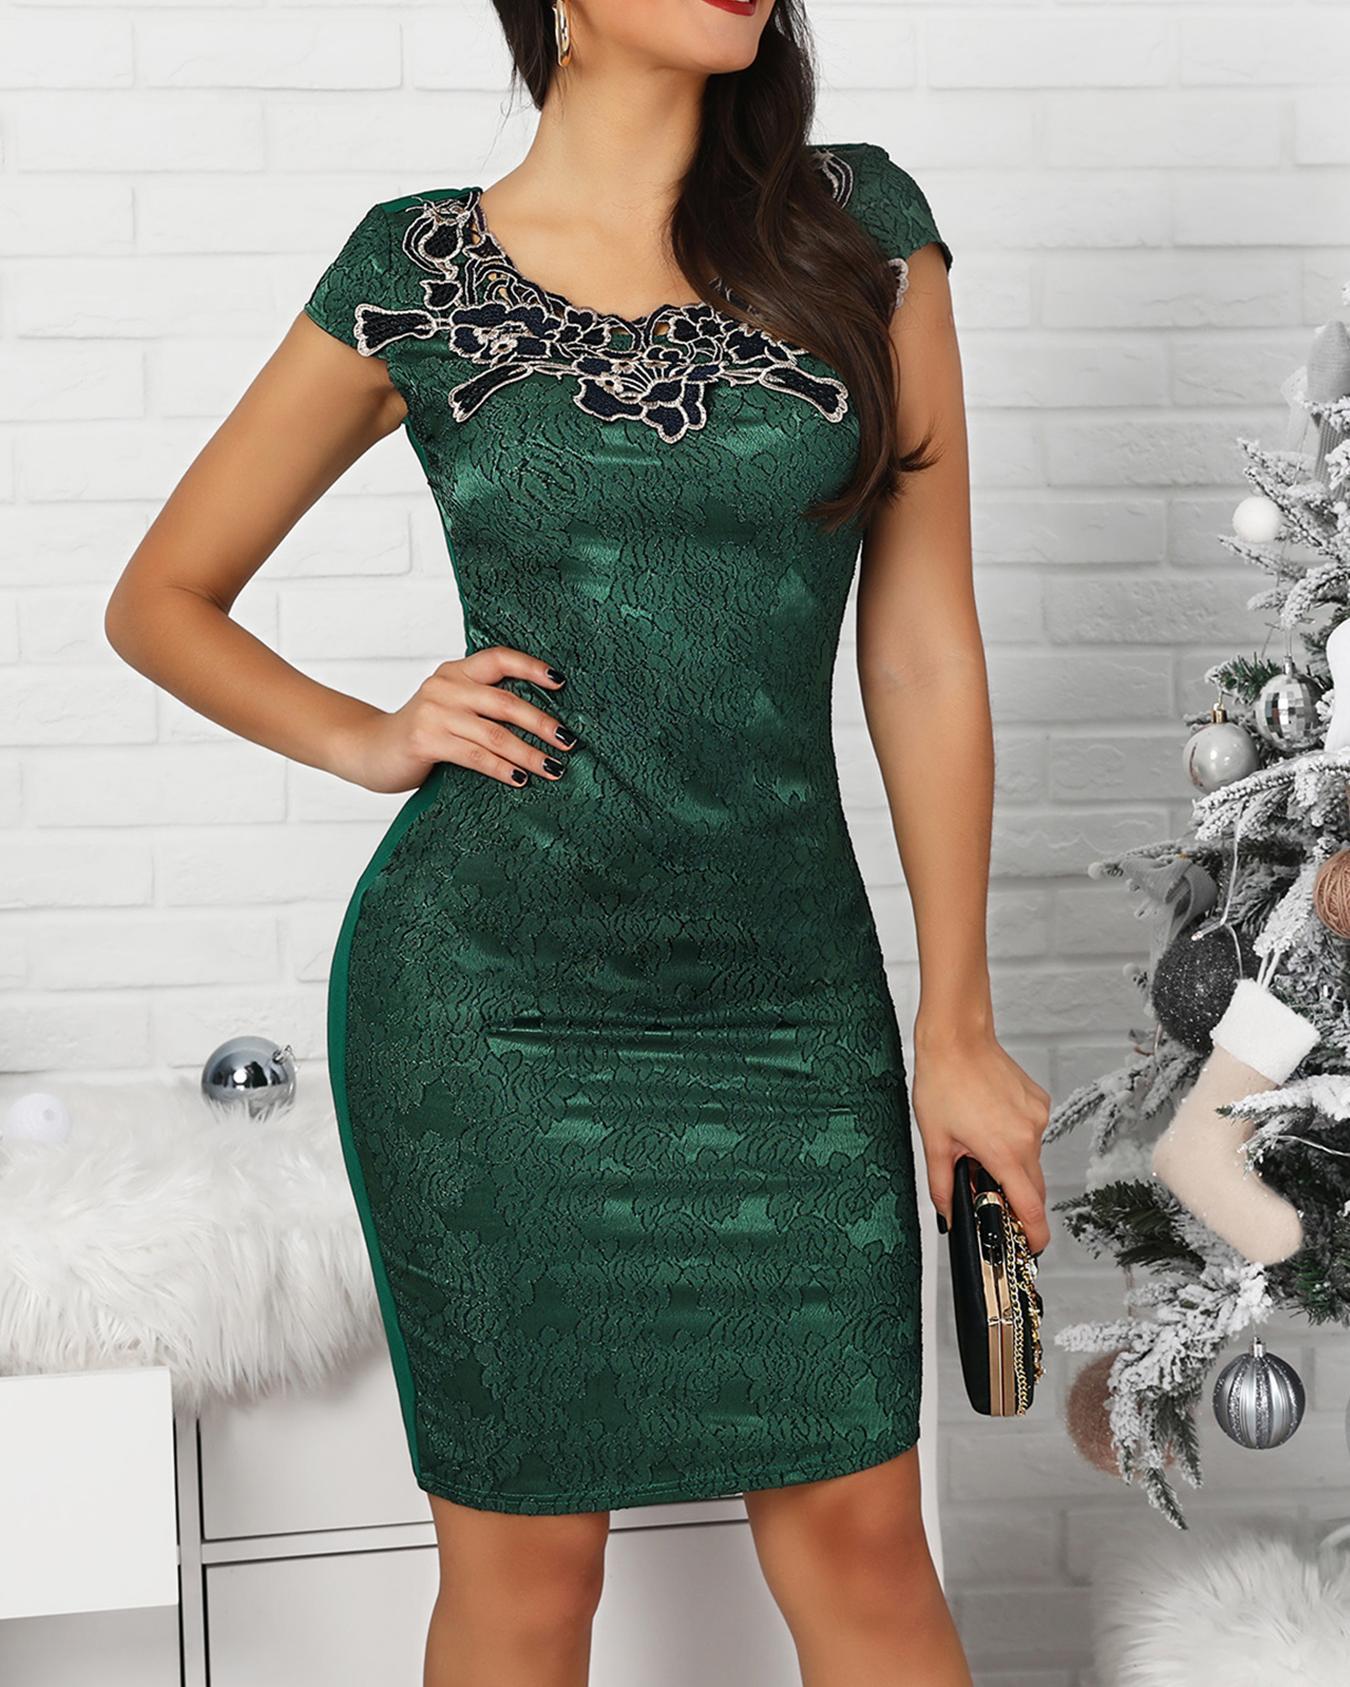 Floral Applique Slit Back Lace Dress